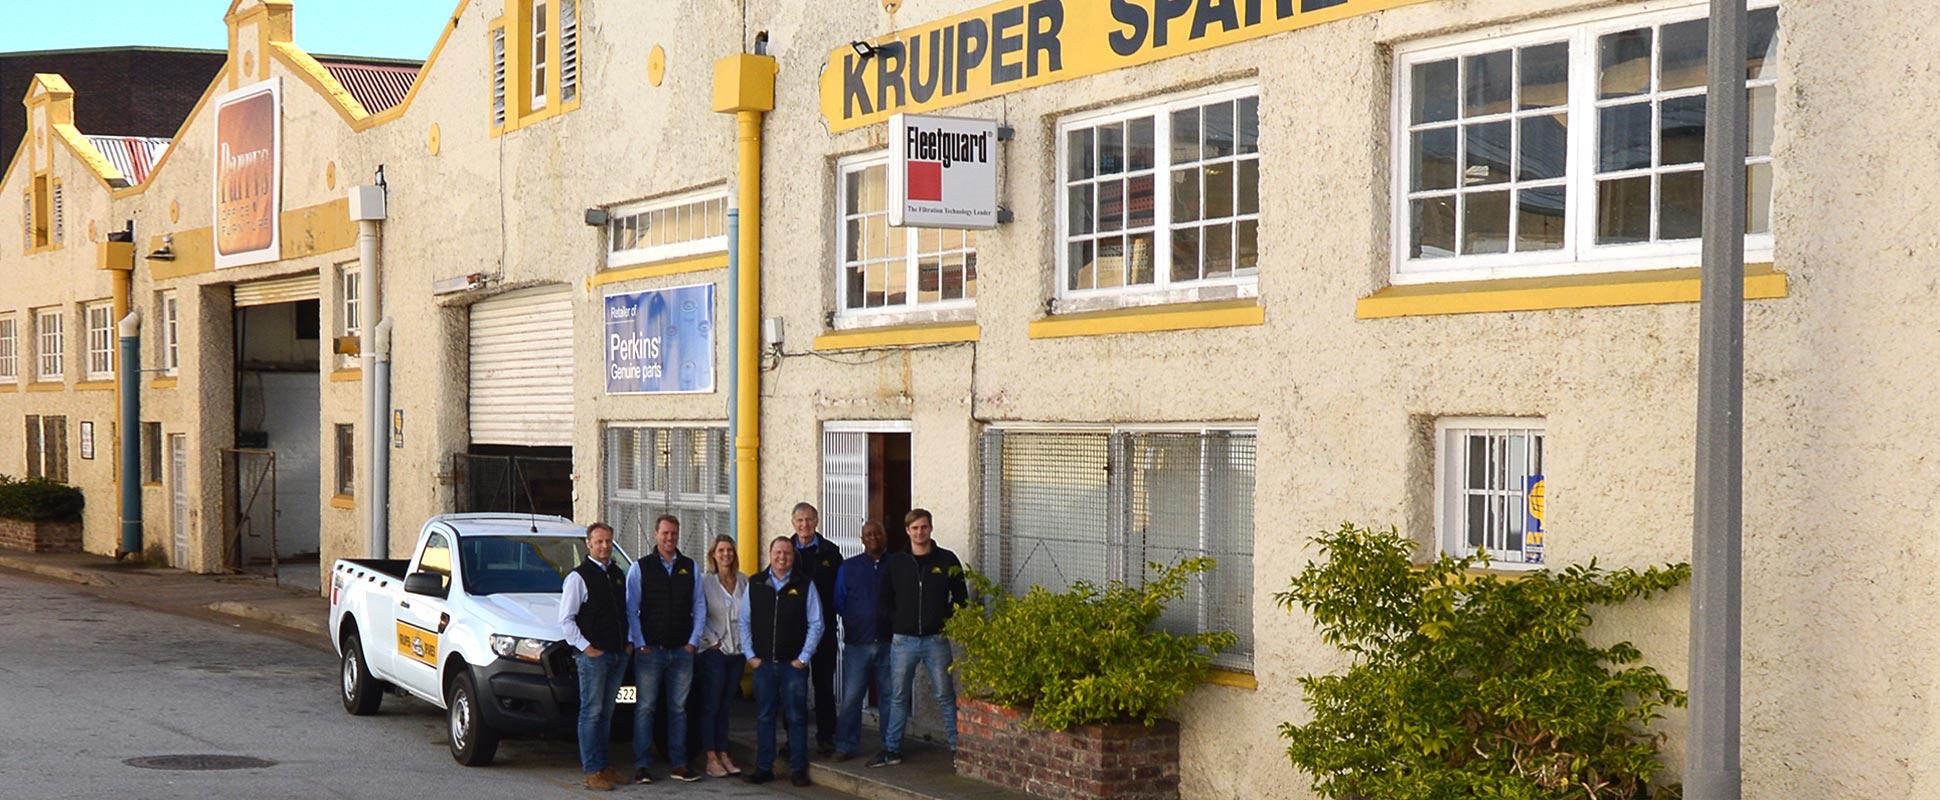 Kruiper Spares Port Elizabeth